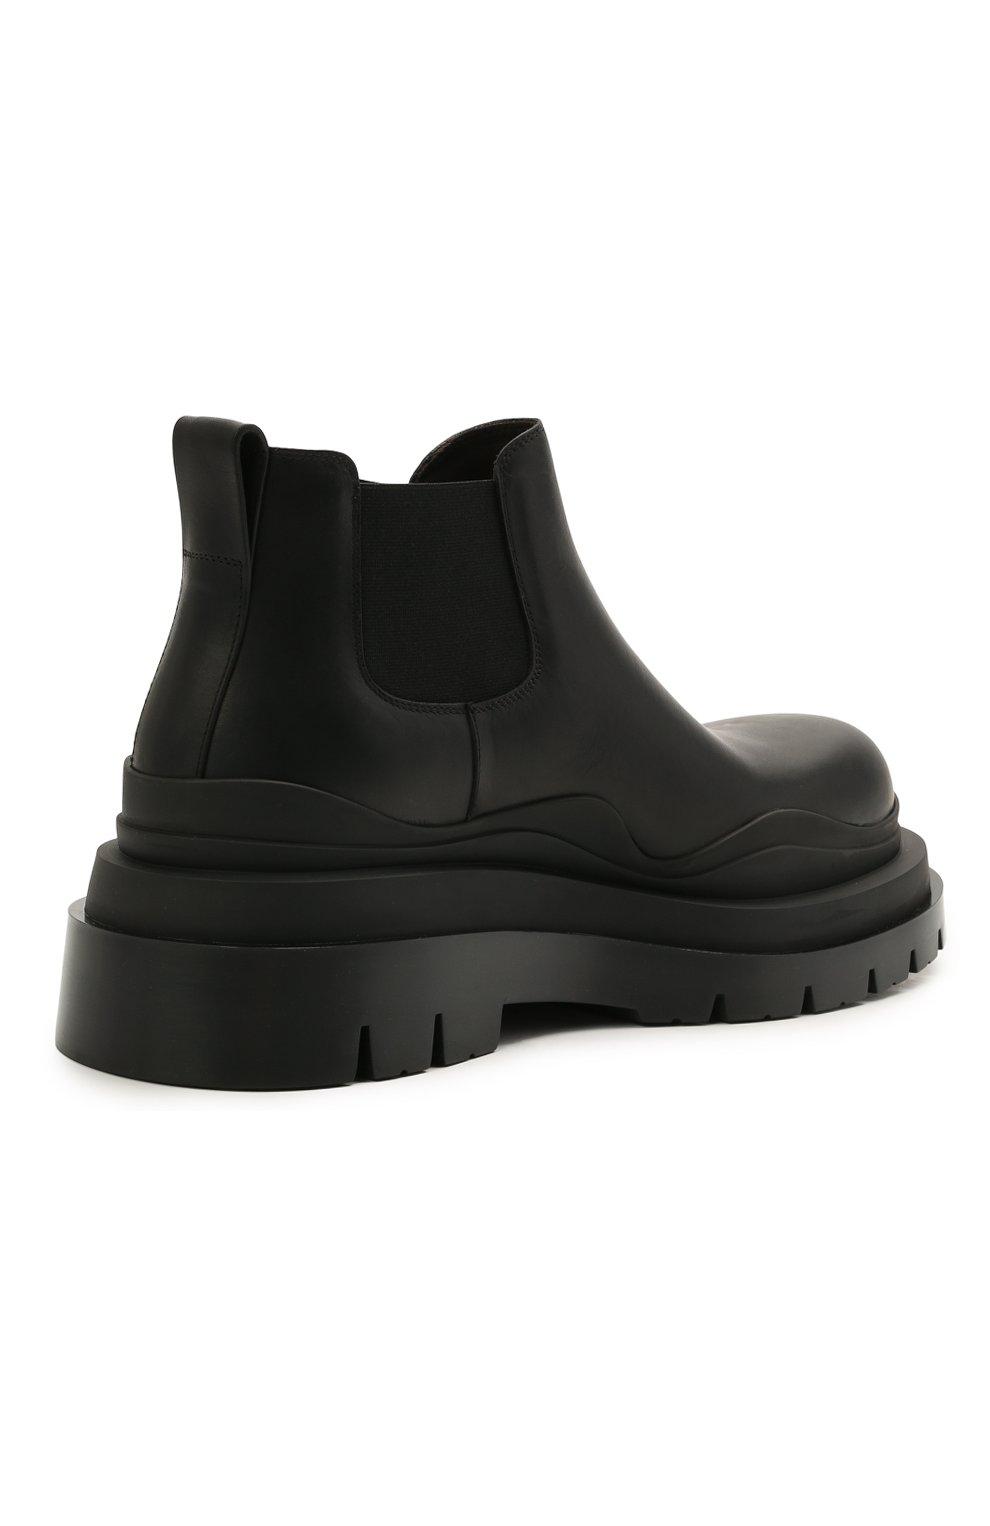 Мужские кожаные челси tire BOTTEGA VENETA черного цвета, арт. 630281/VBS50   Фото 4 (Каблук высота: Высокий; Материал внутренний: Натуральная кожа; Подошва: Массивная; Мужское Кросс-КТ: Сапоги-обувь, Челси-обувь)